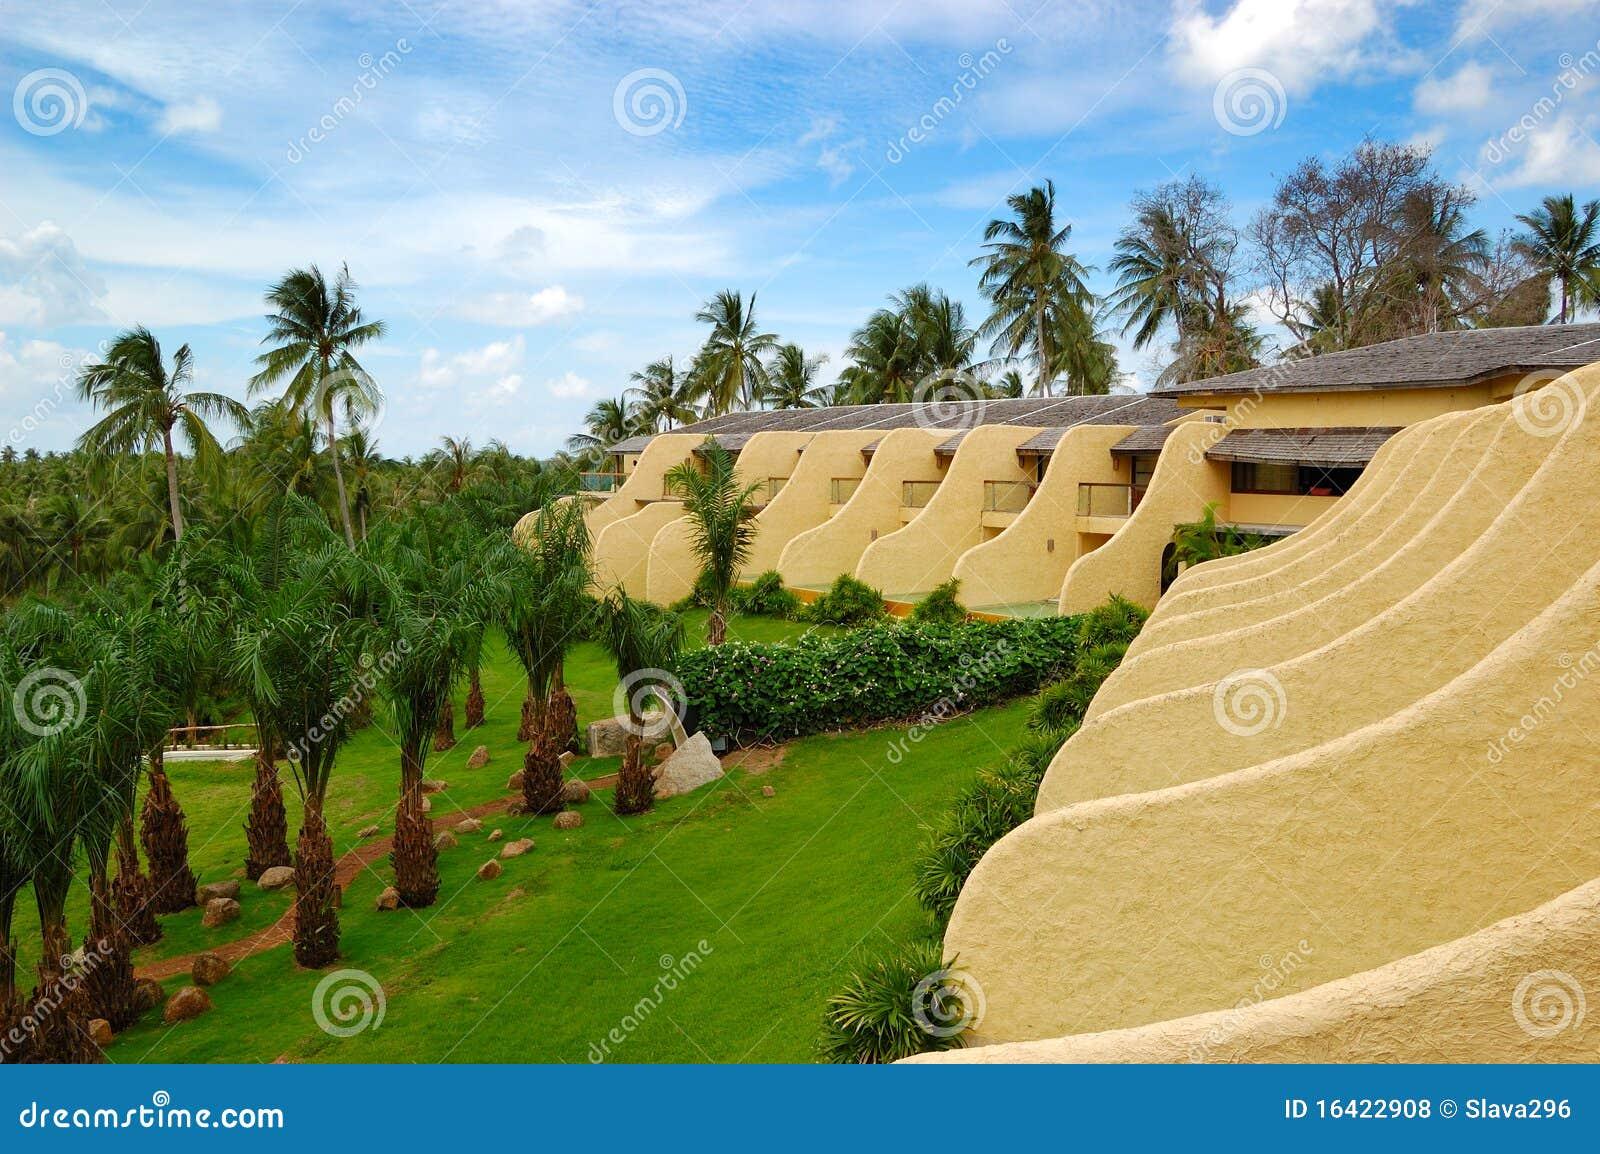 Casas de campo modernas com piscinas no hotel de luxo for Piscinas para casas